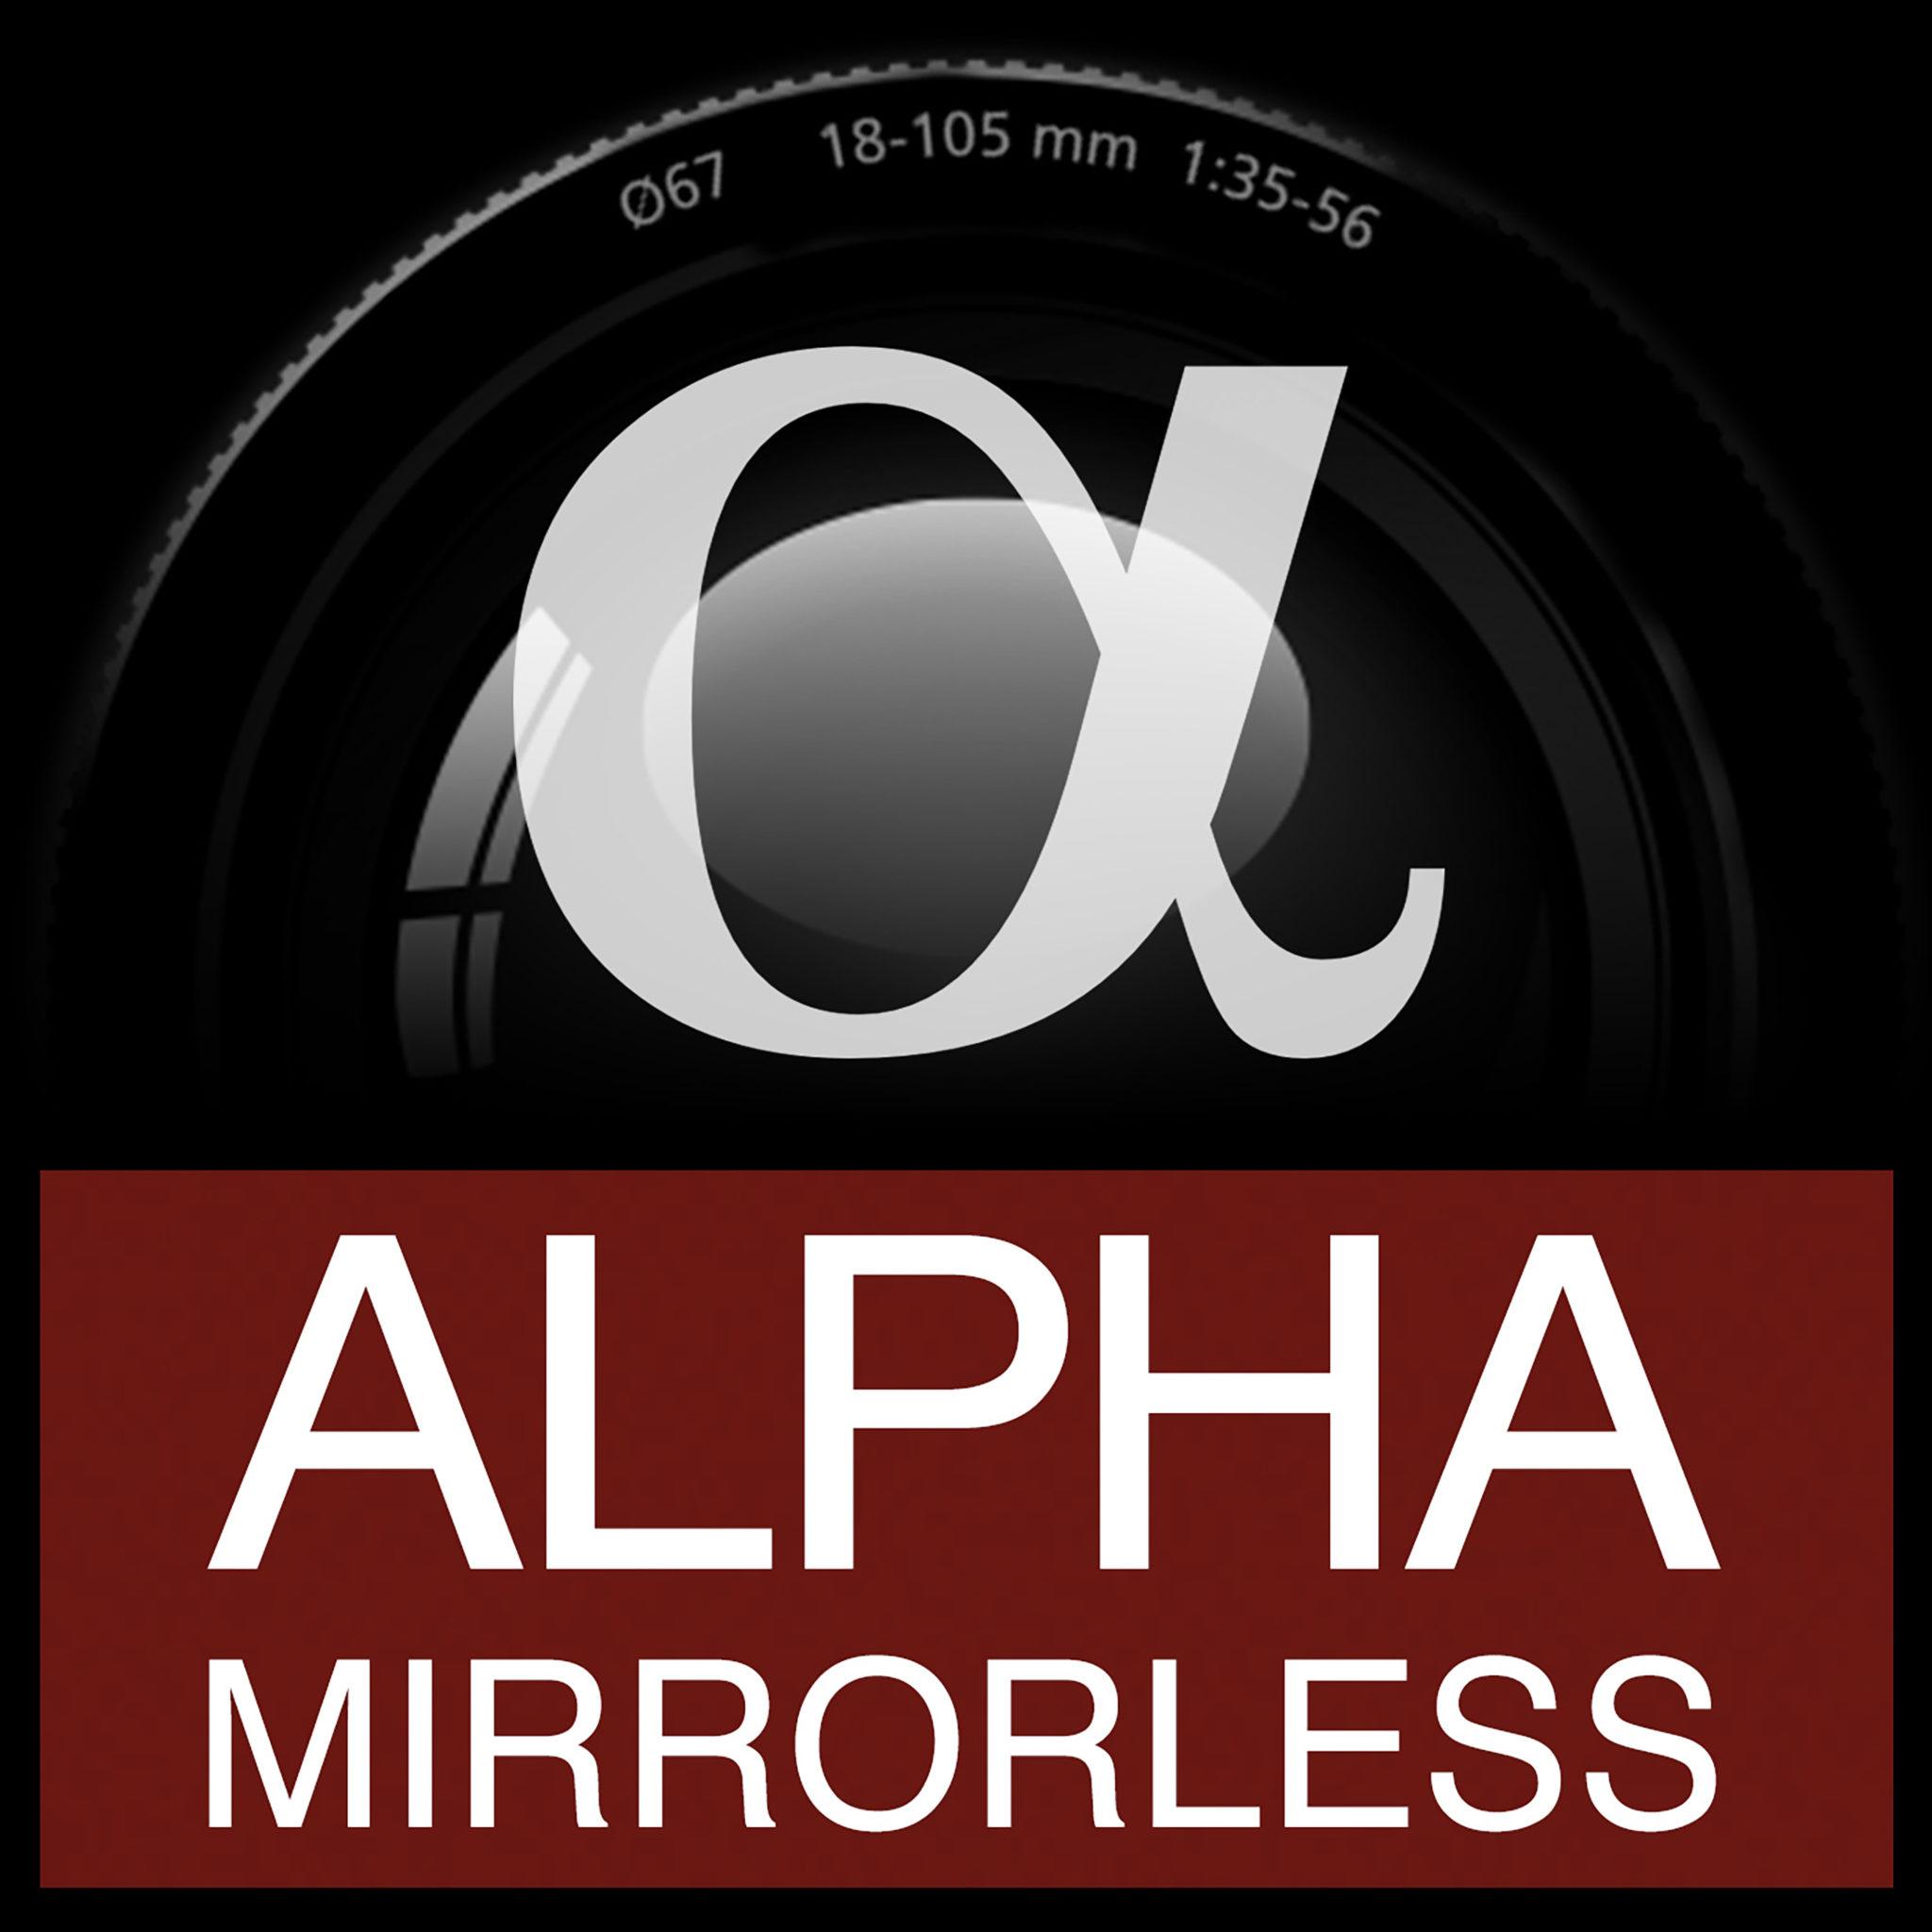 AlphaMirrorless